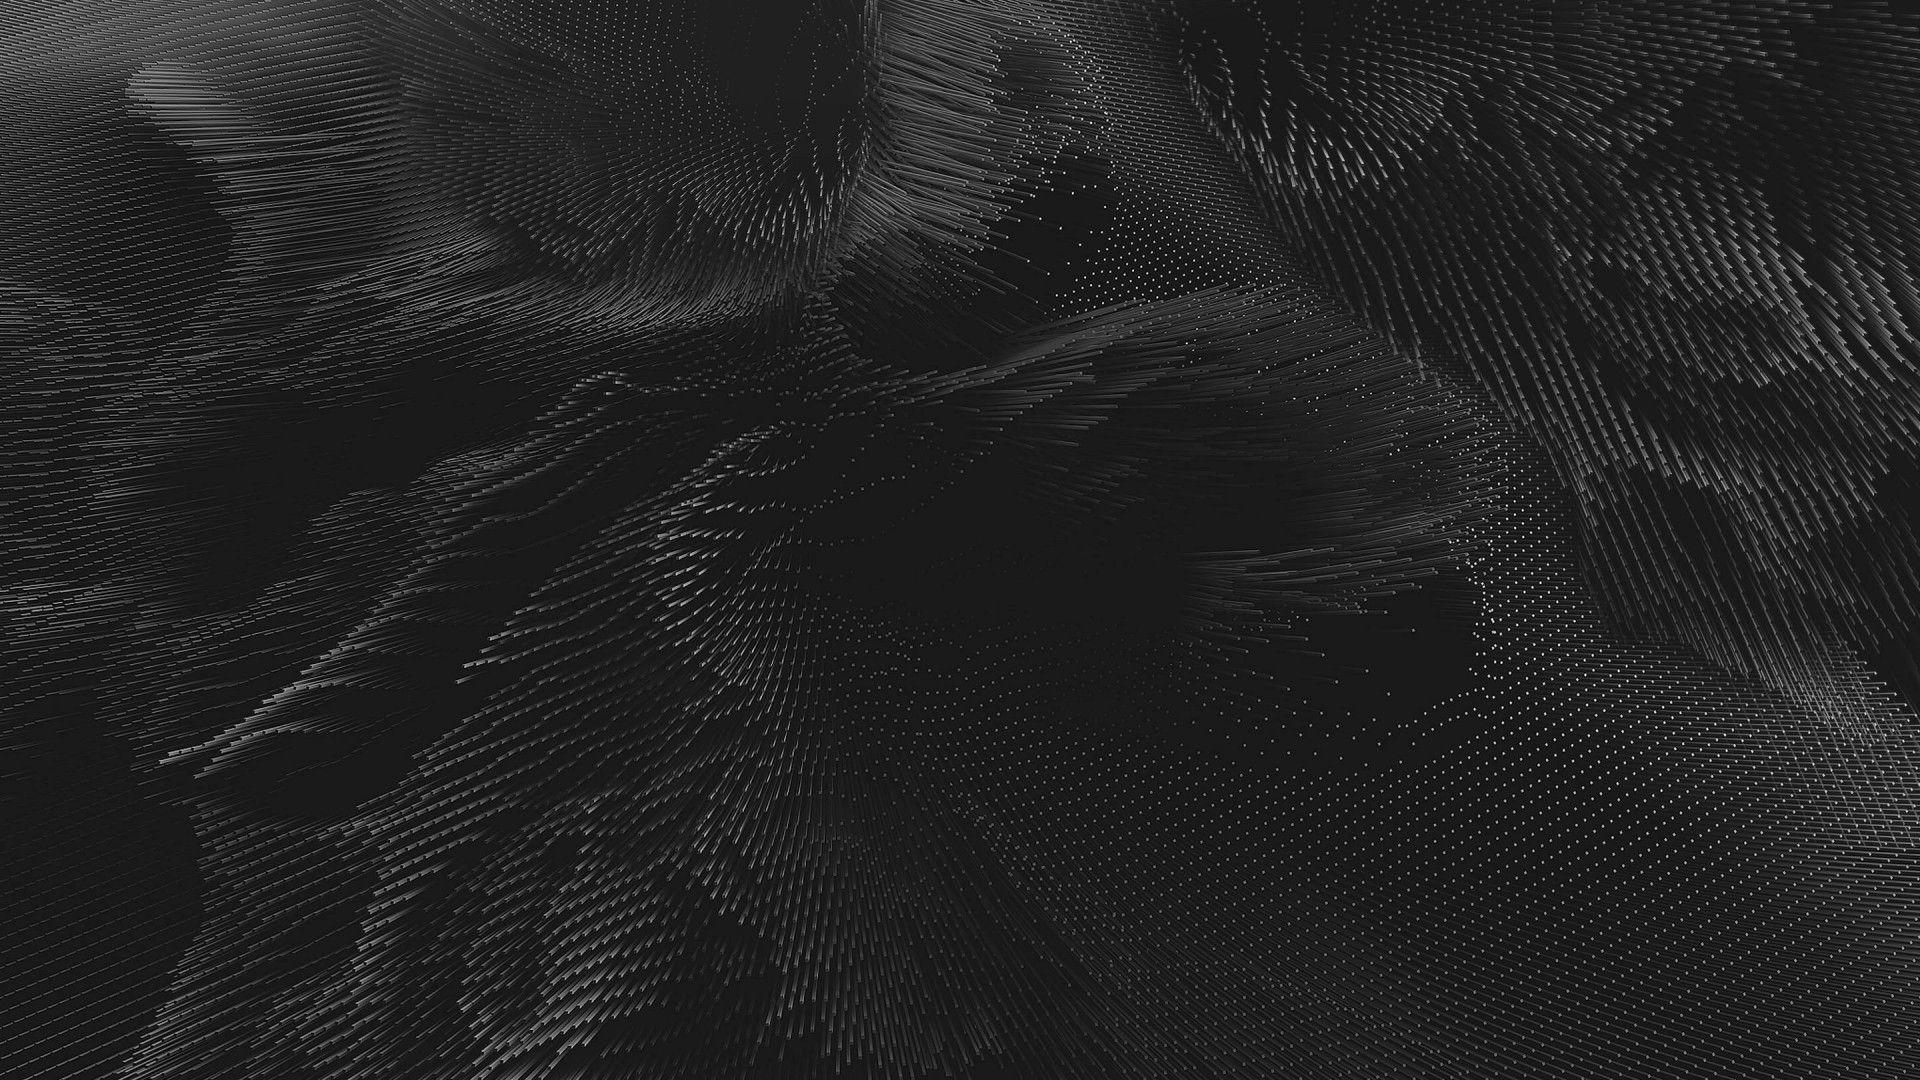 Abstract Grey Wallpaper Hd